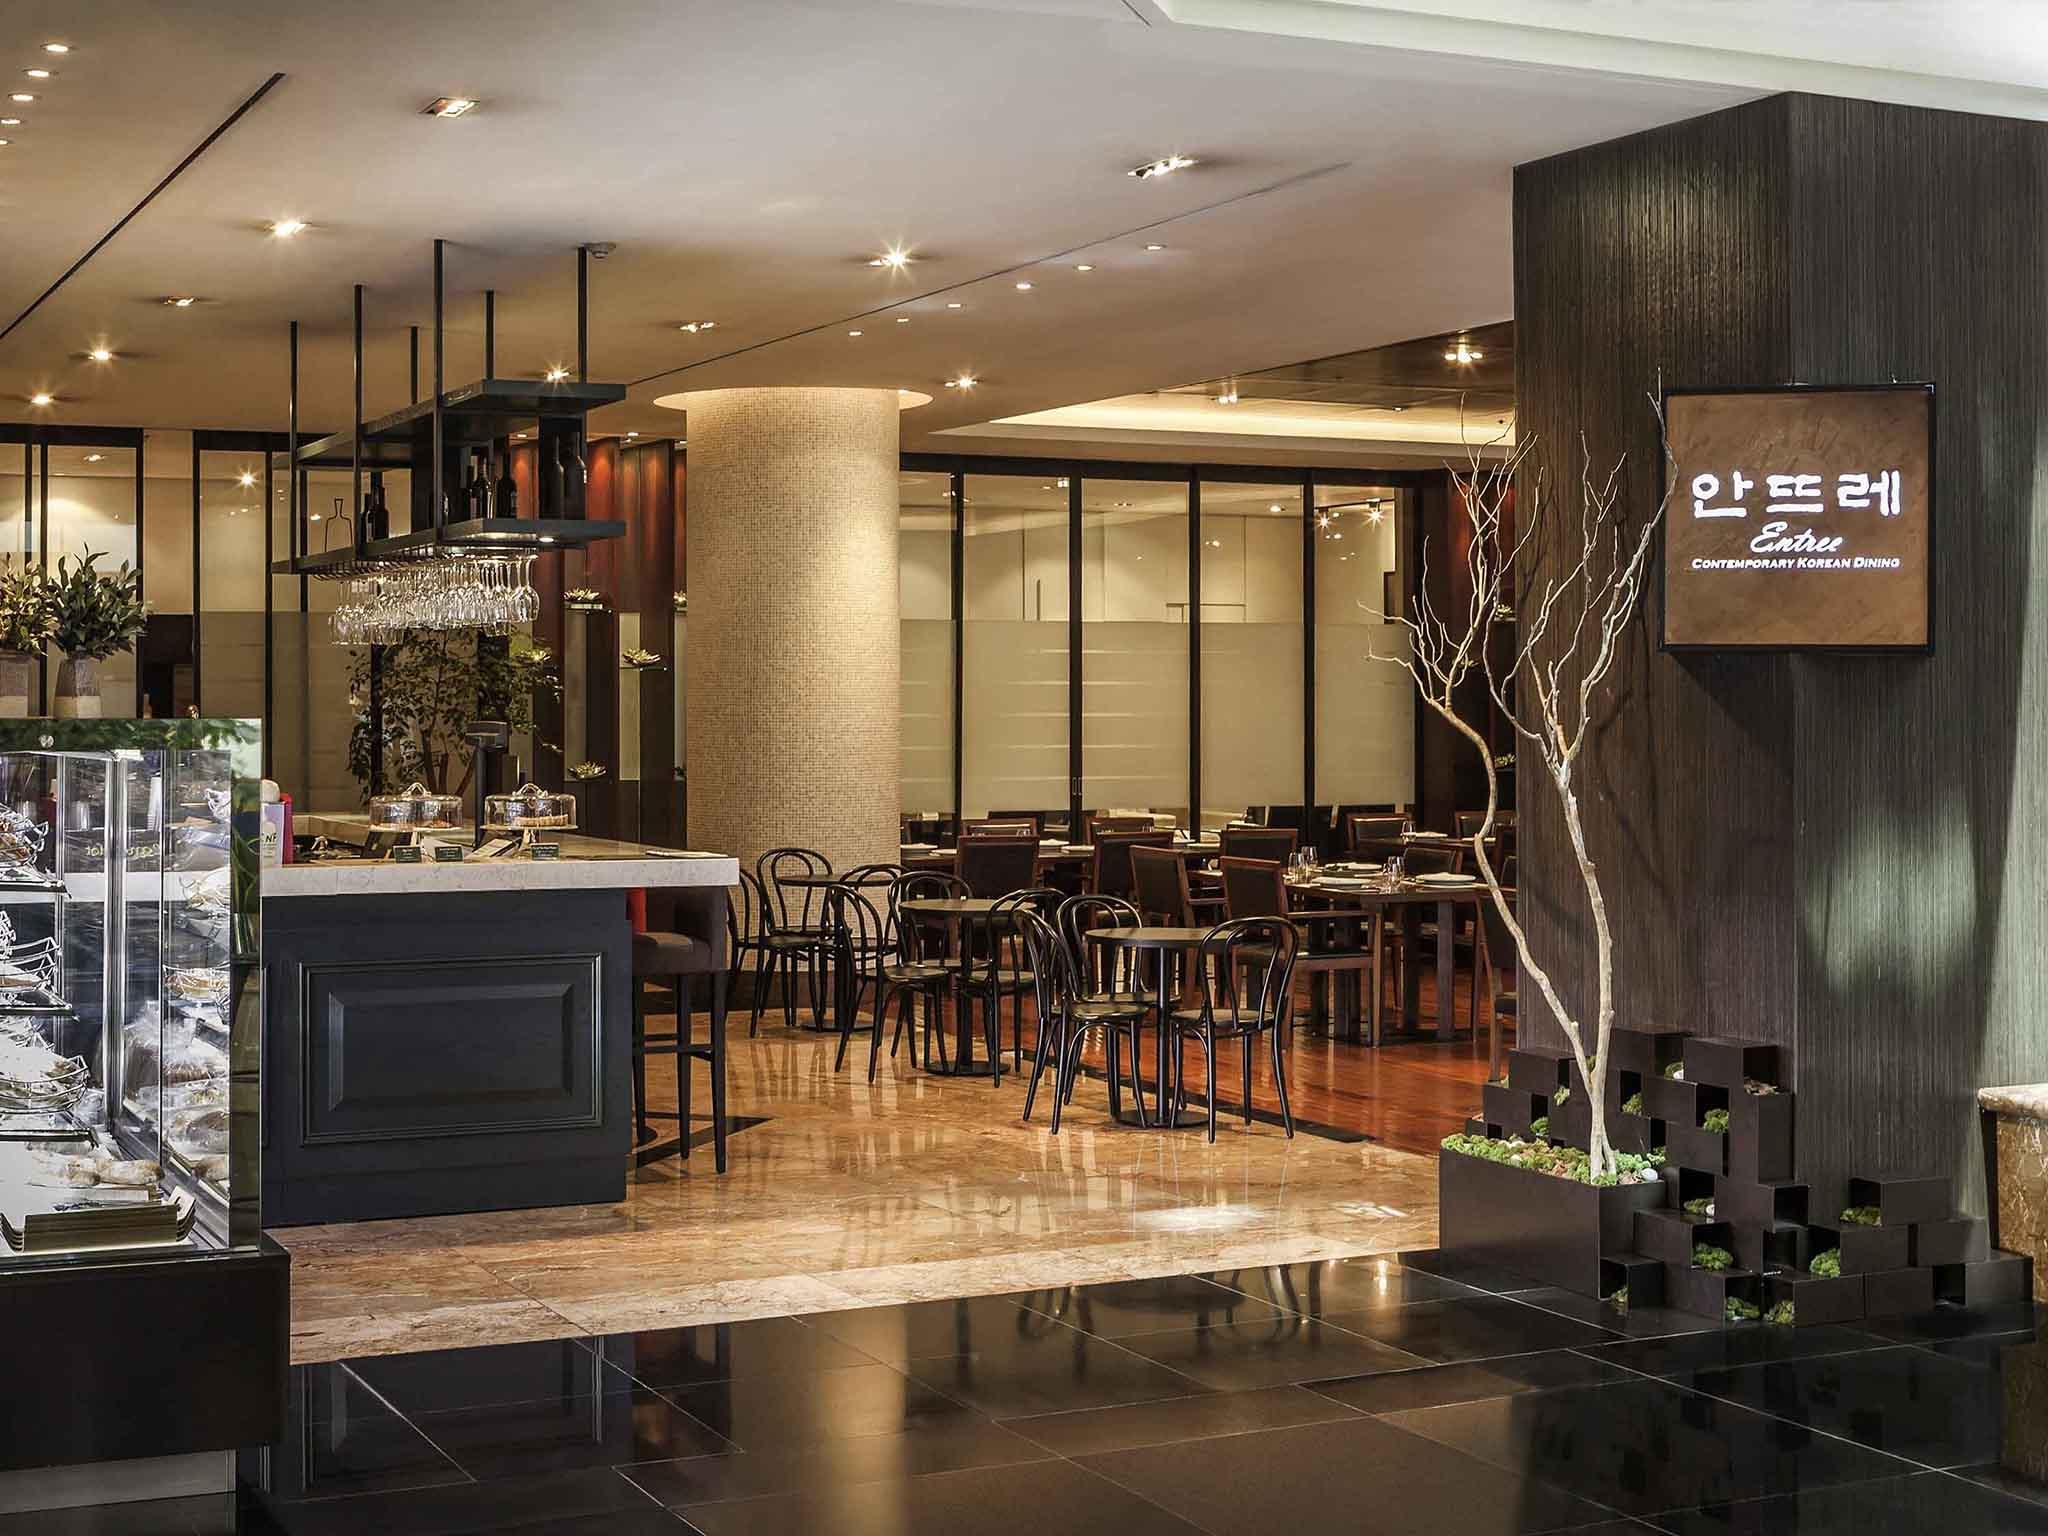 諾富特大使酒店江南店餐廳一景。(圖片取自諾富特大使酒店江南店官網)